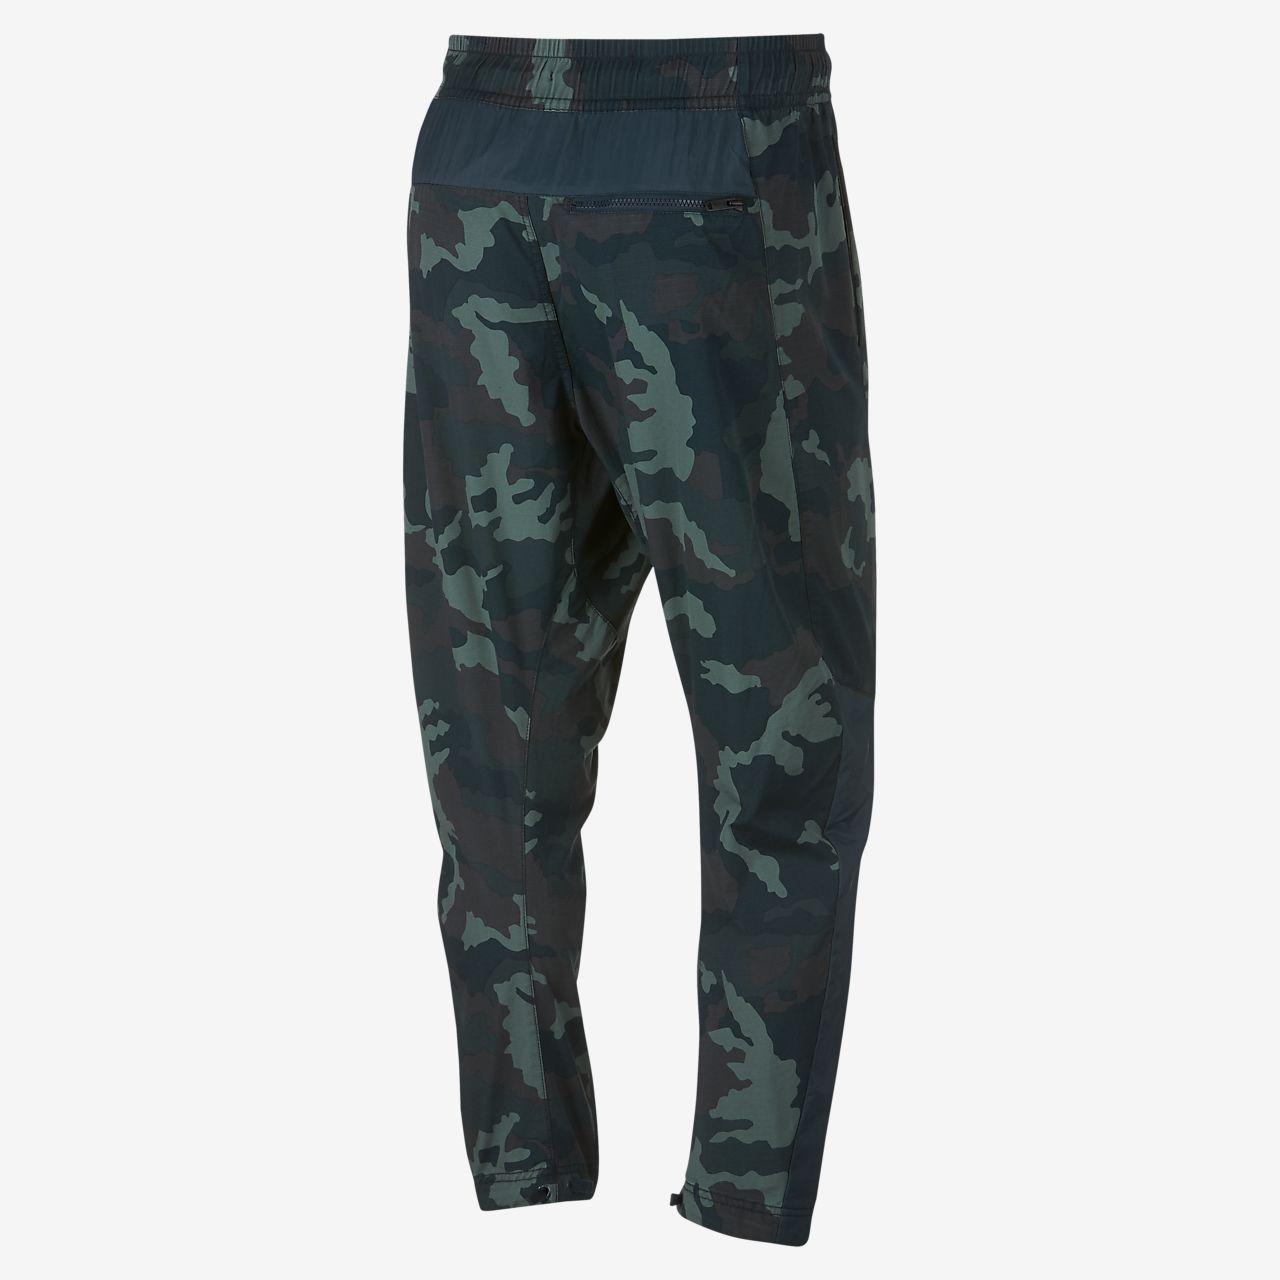 Sportswear De Camouflage Homme Jogging Pantalon Tissé Nsw Nike Pour FwZWq6